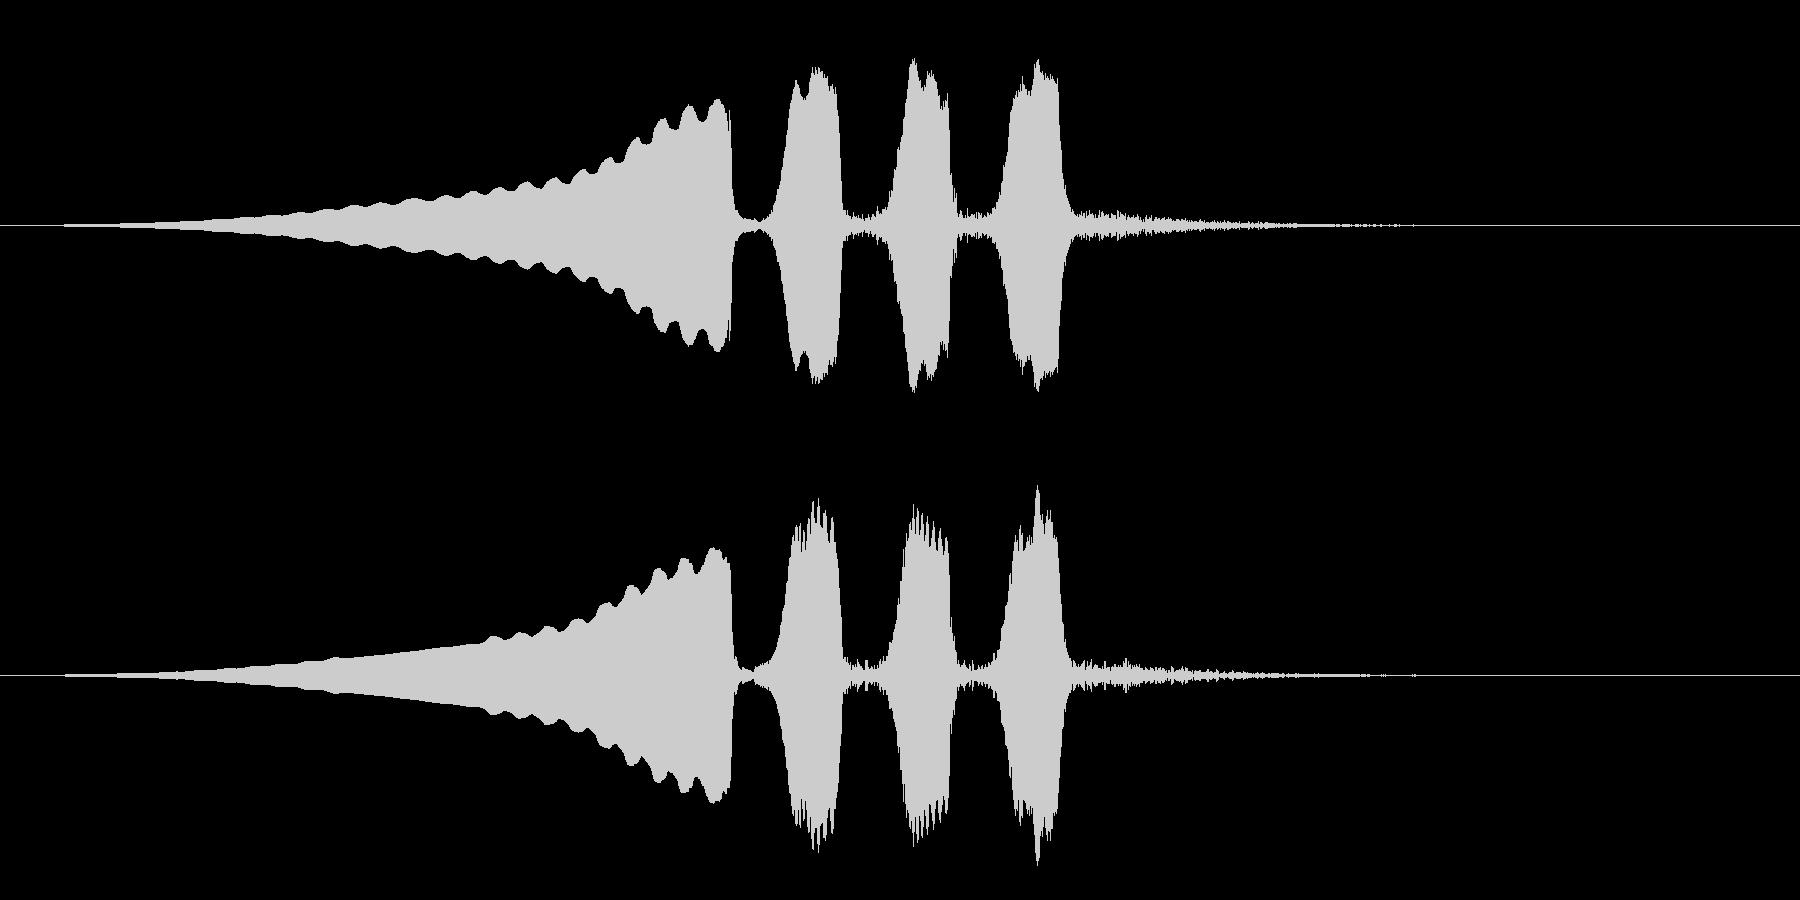 うぐいすの鳴き声 1A ほーほけきょの未再生の波形